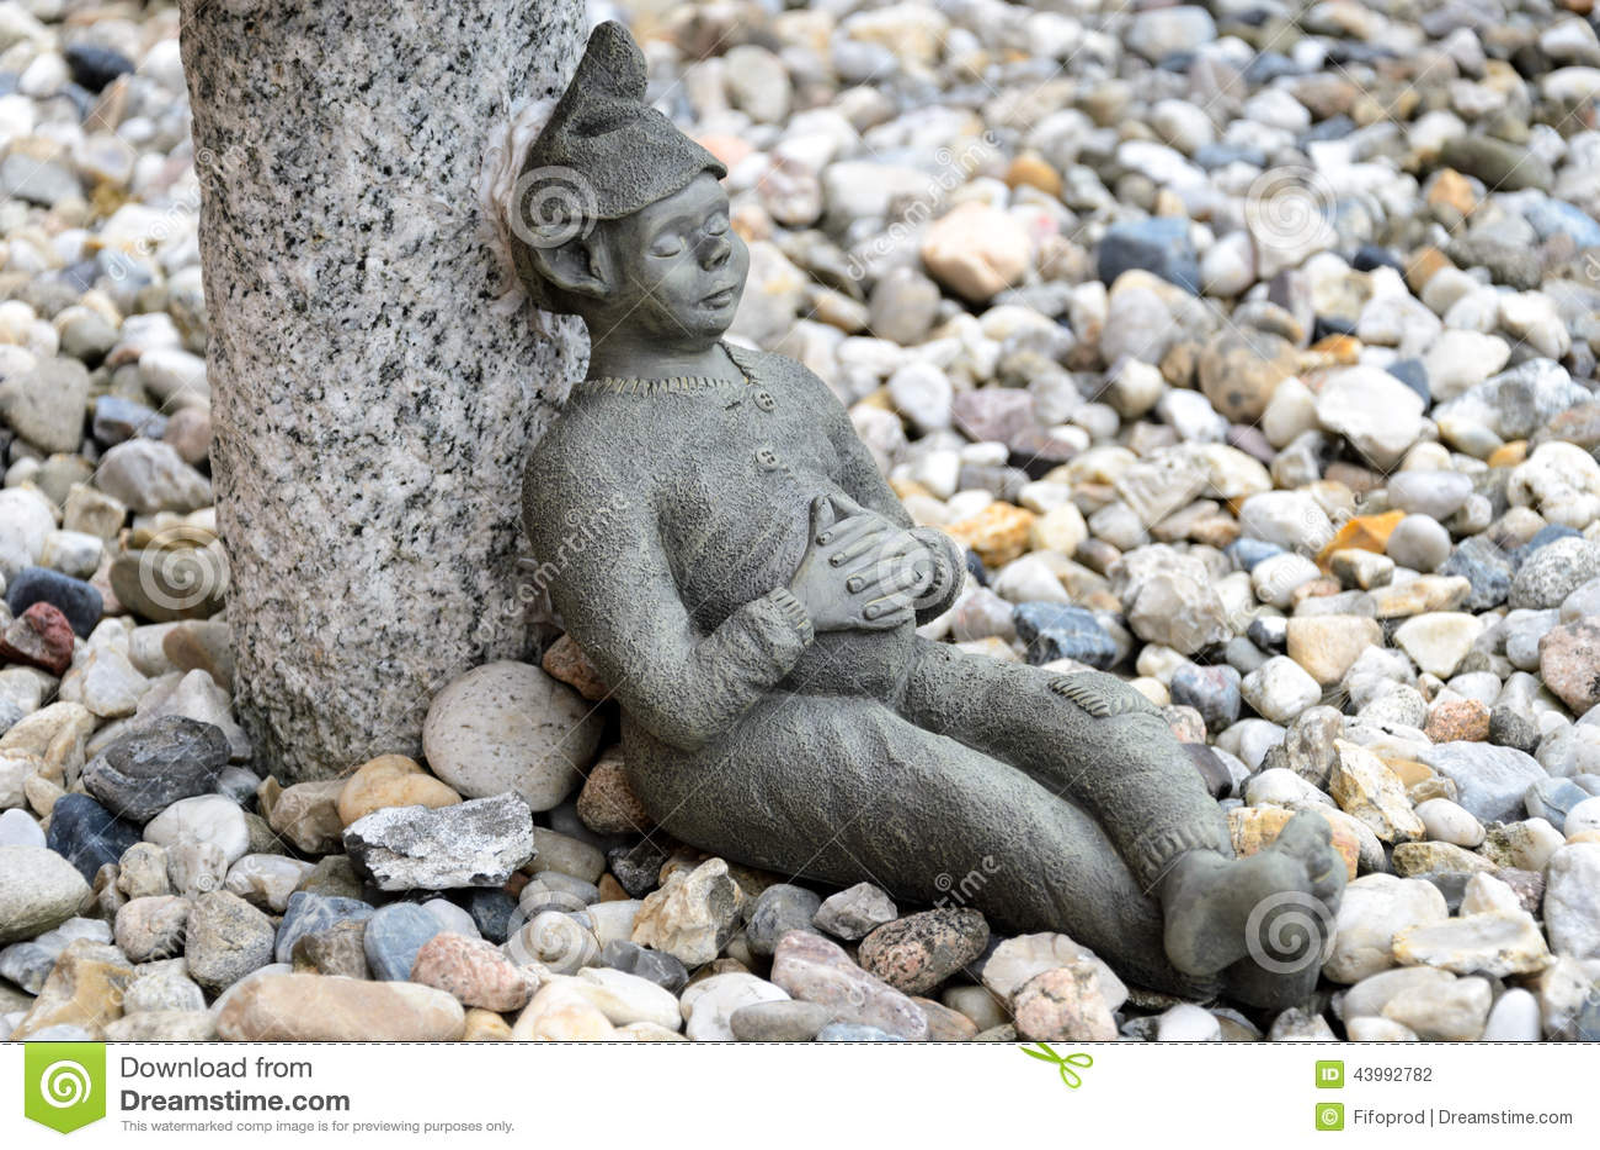 Garden Gnome at lunch break